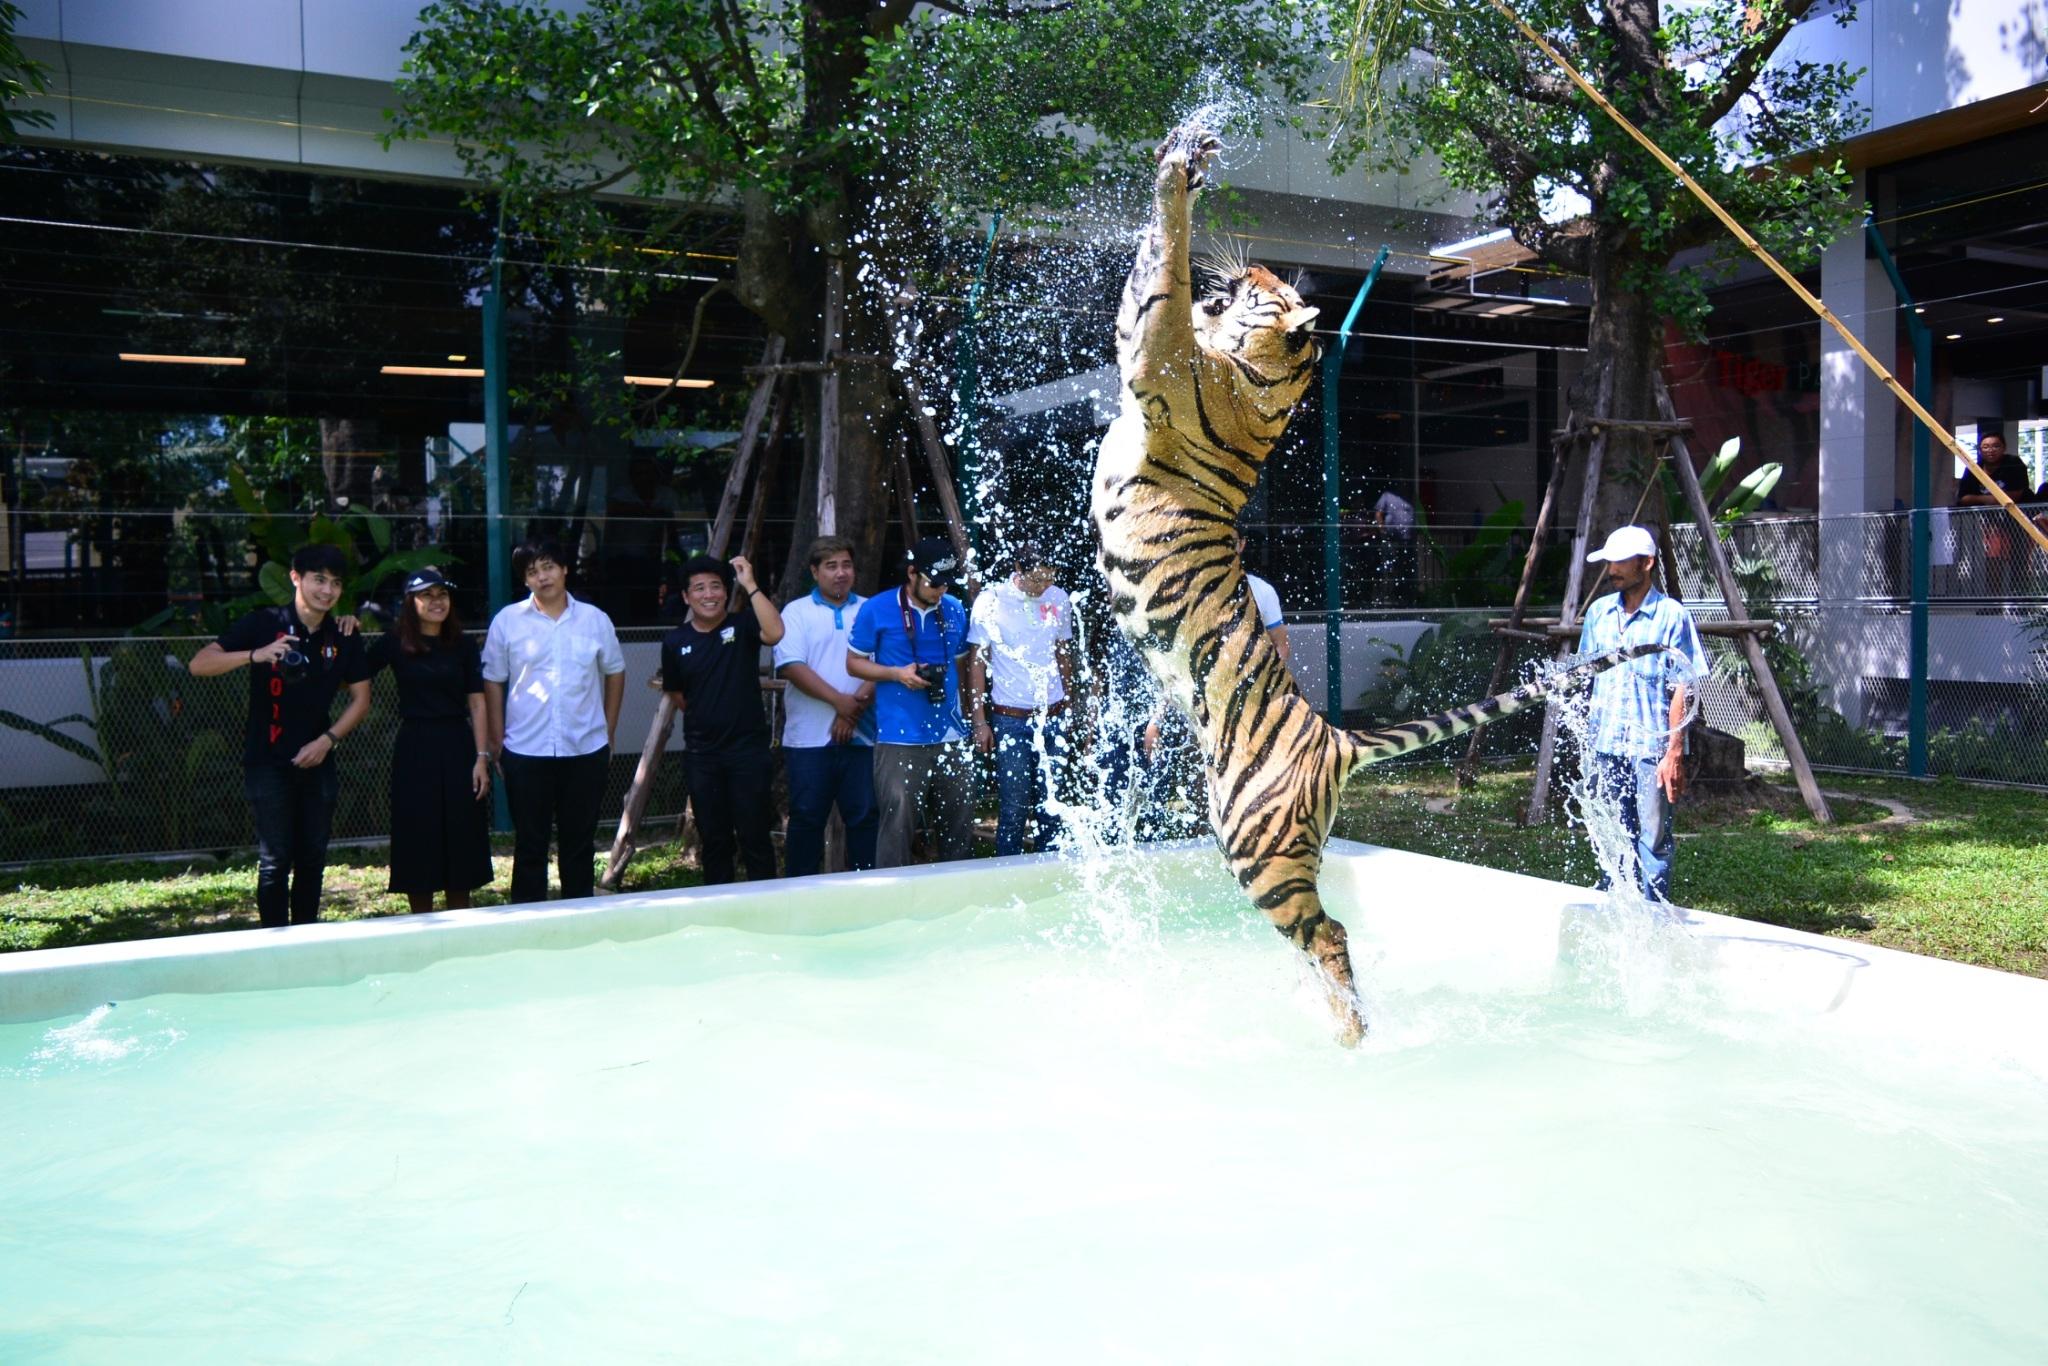 จิบกาแฟ ดูเสือ เล่นกับเสือได้ที่ Tiger Park Pattaya - Pattaya News